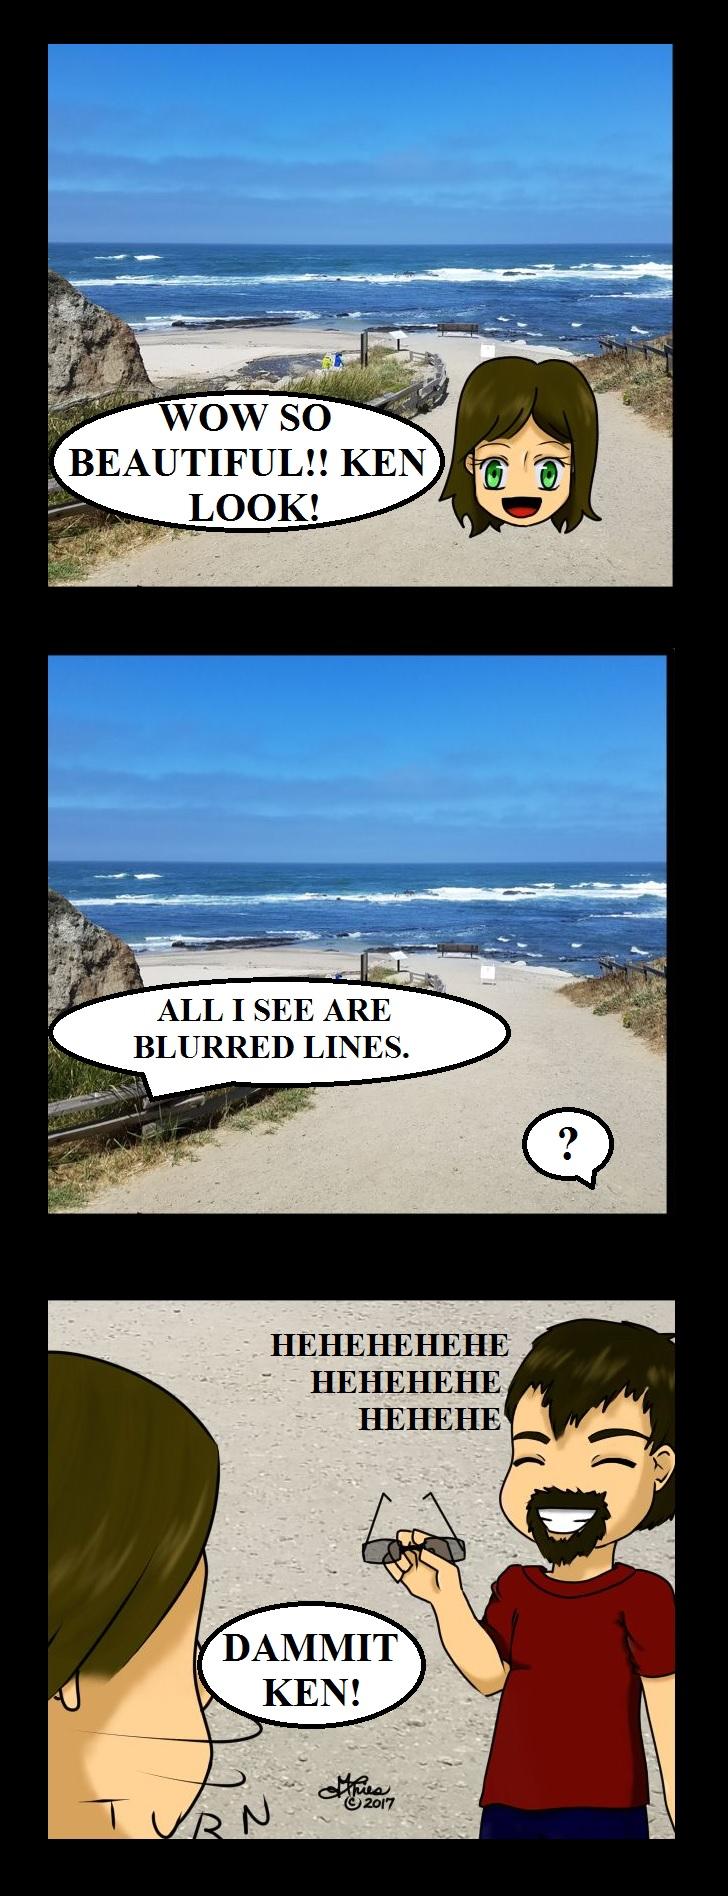 What Beach?